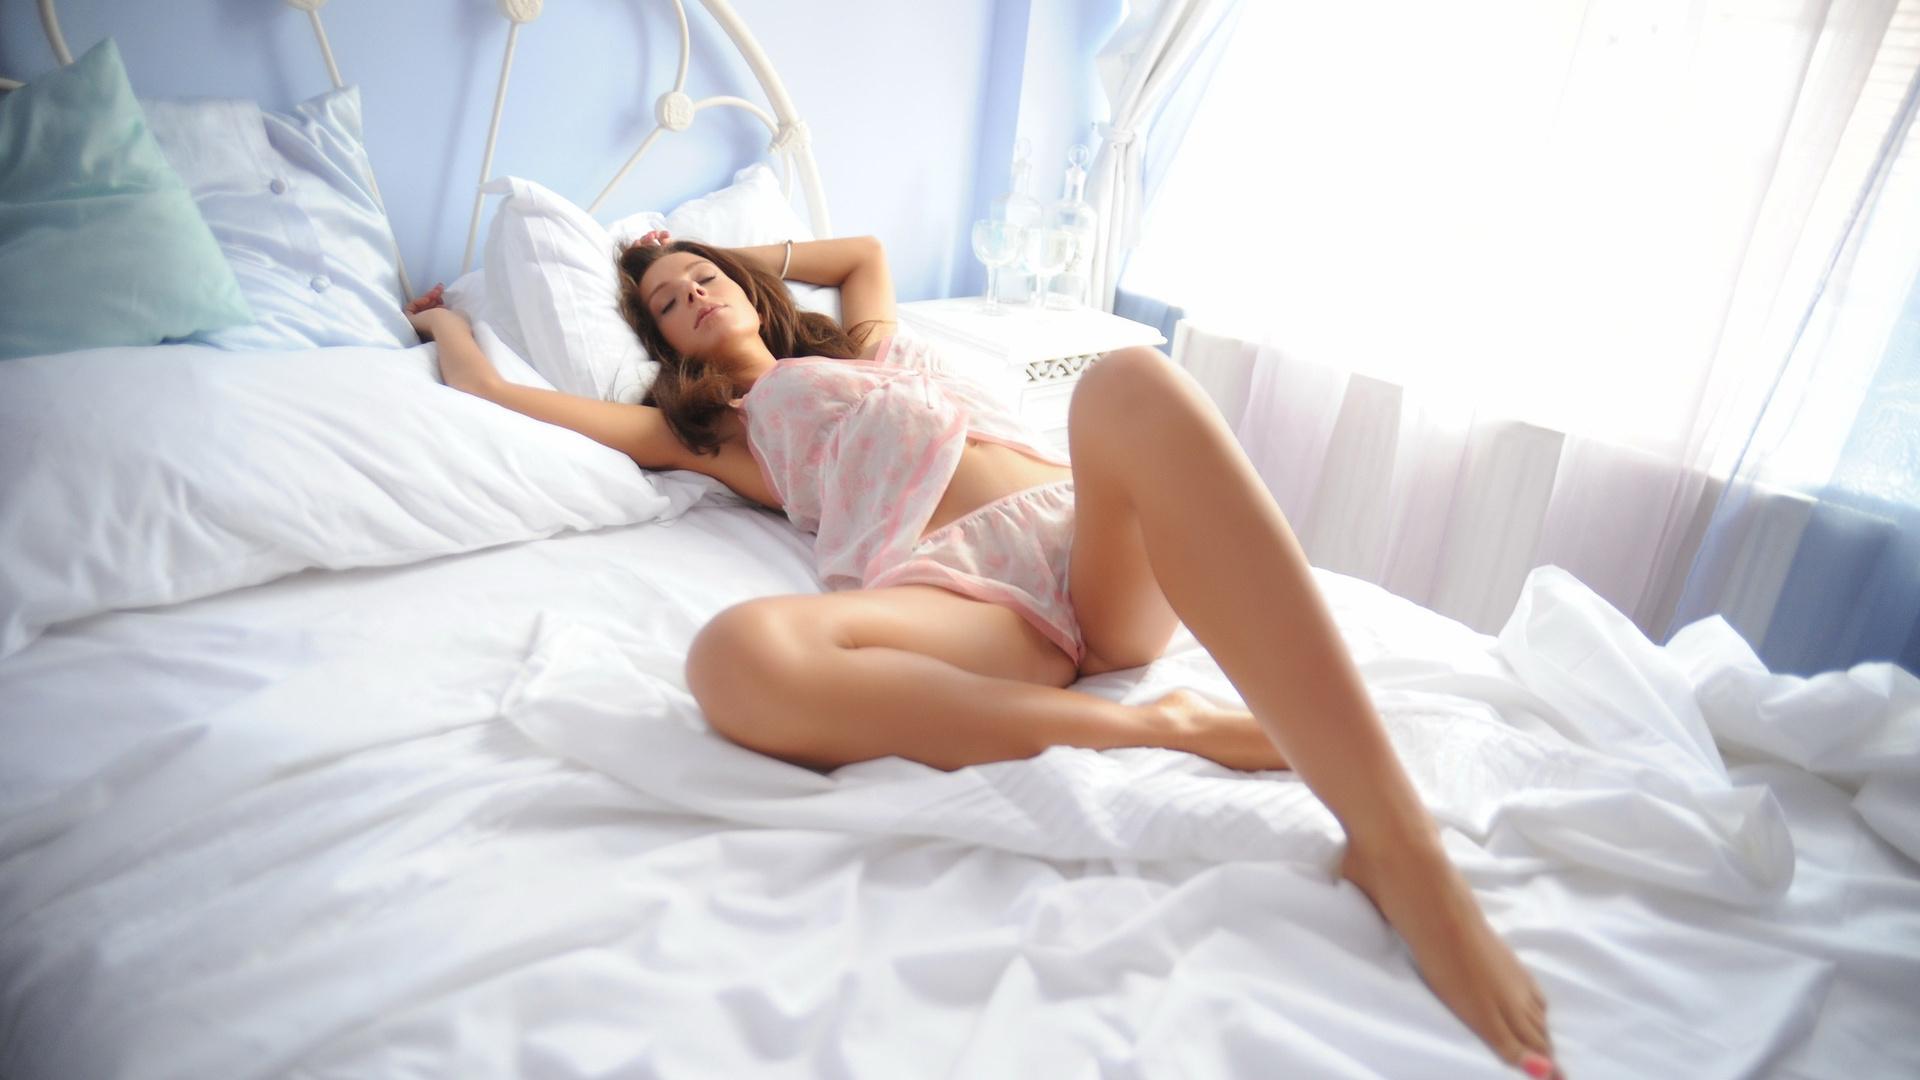 Не получается достичь струйного оргазма жене